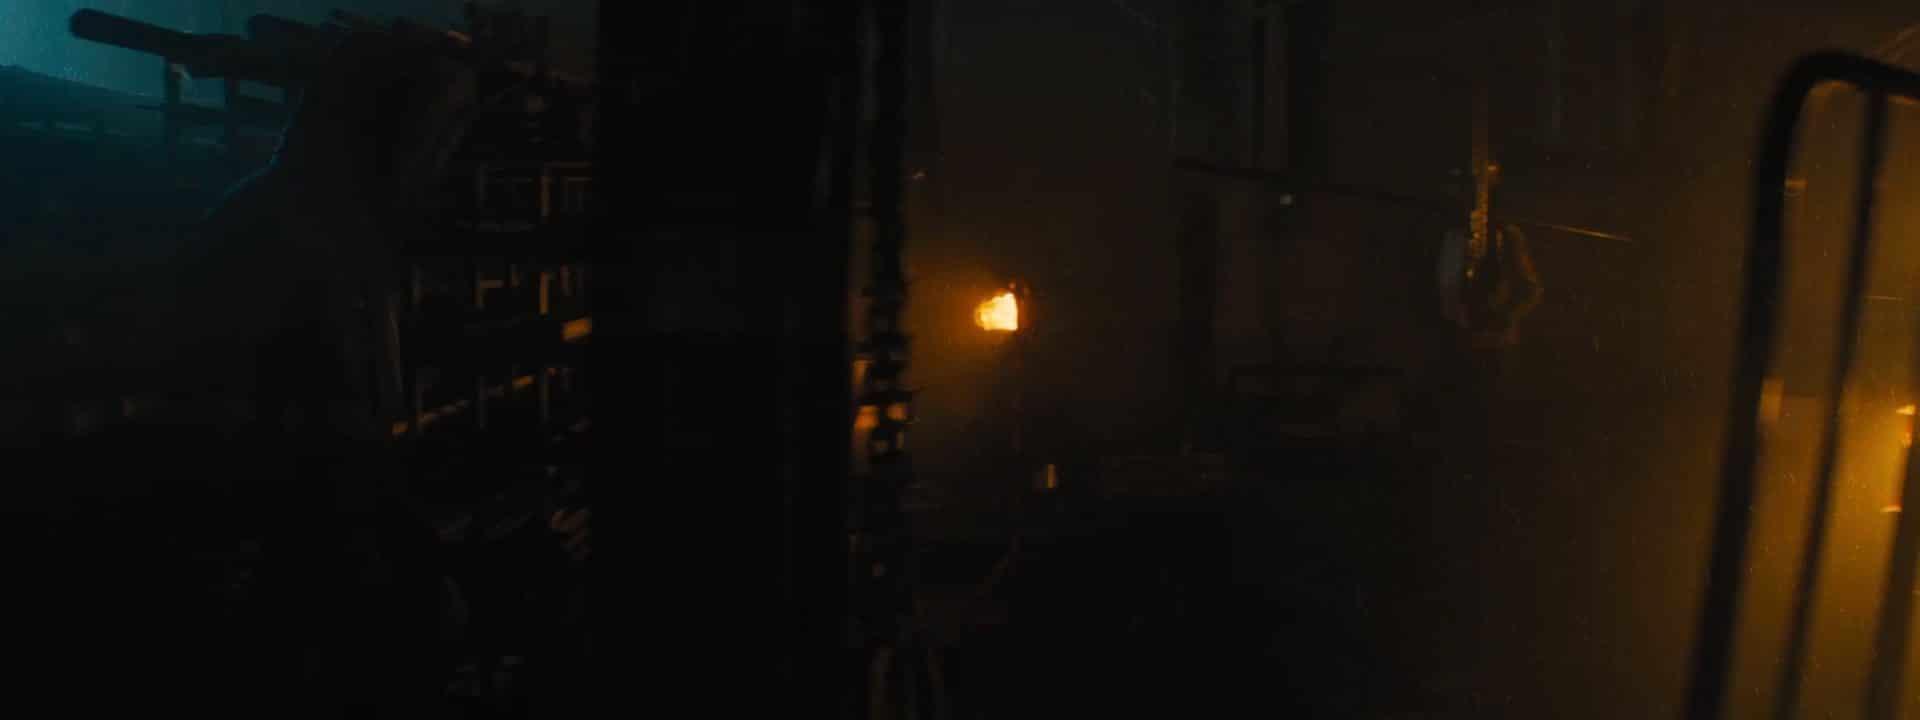 Homme de profil avançant dans une usine sombre